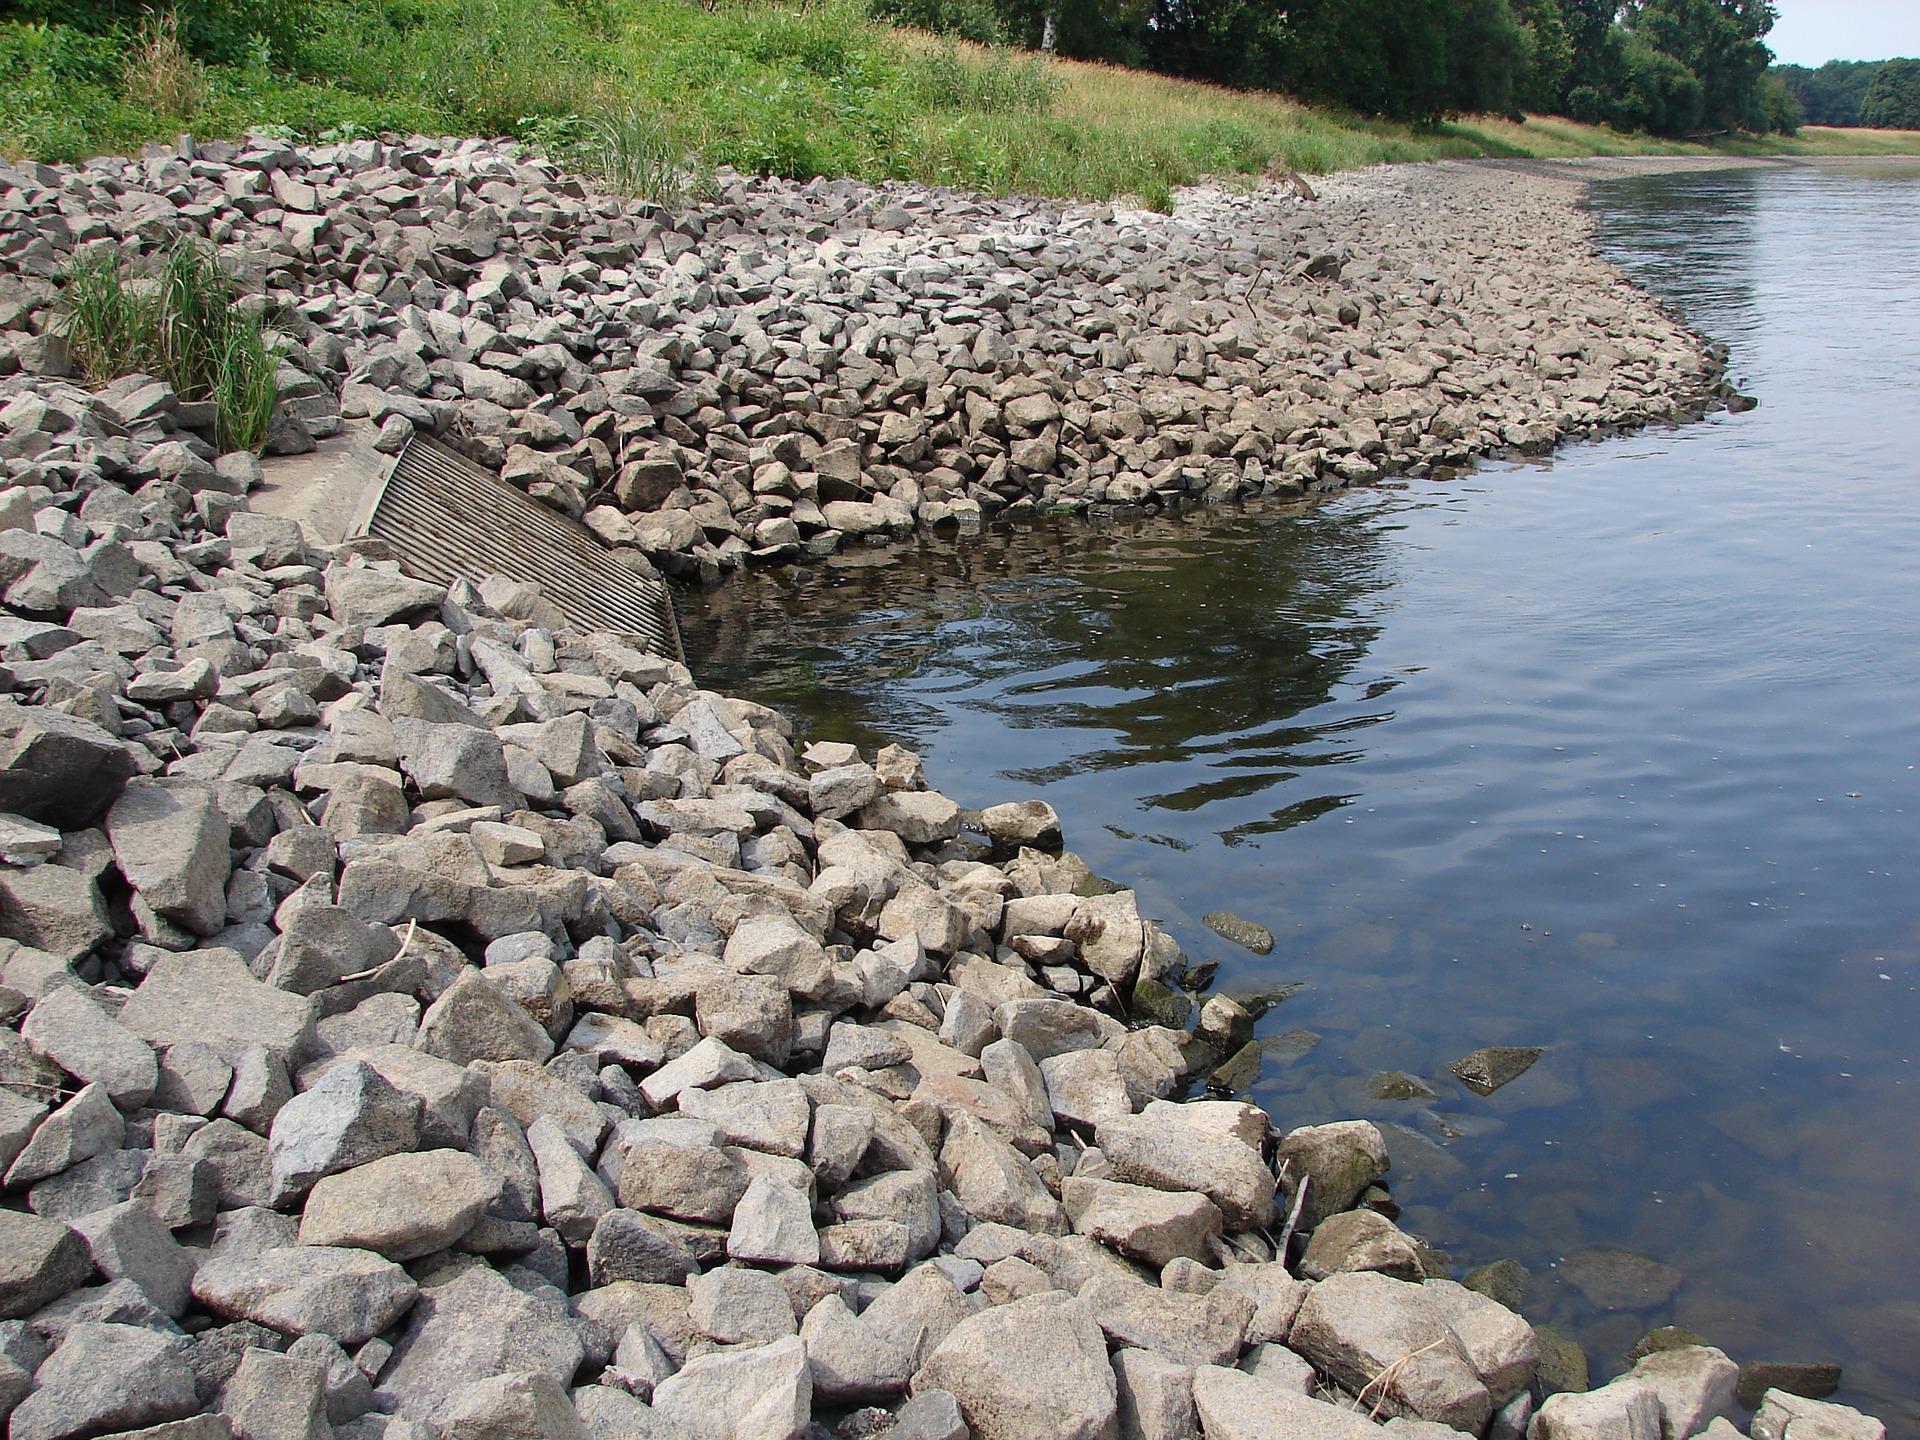 El análisis de las aguas residuales puede servir para detectar brotes de Covid-19. / PIXABAY